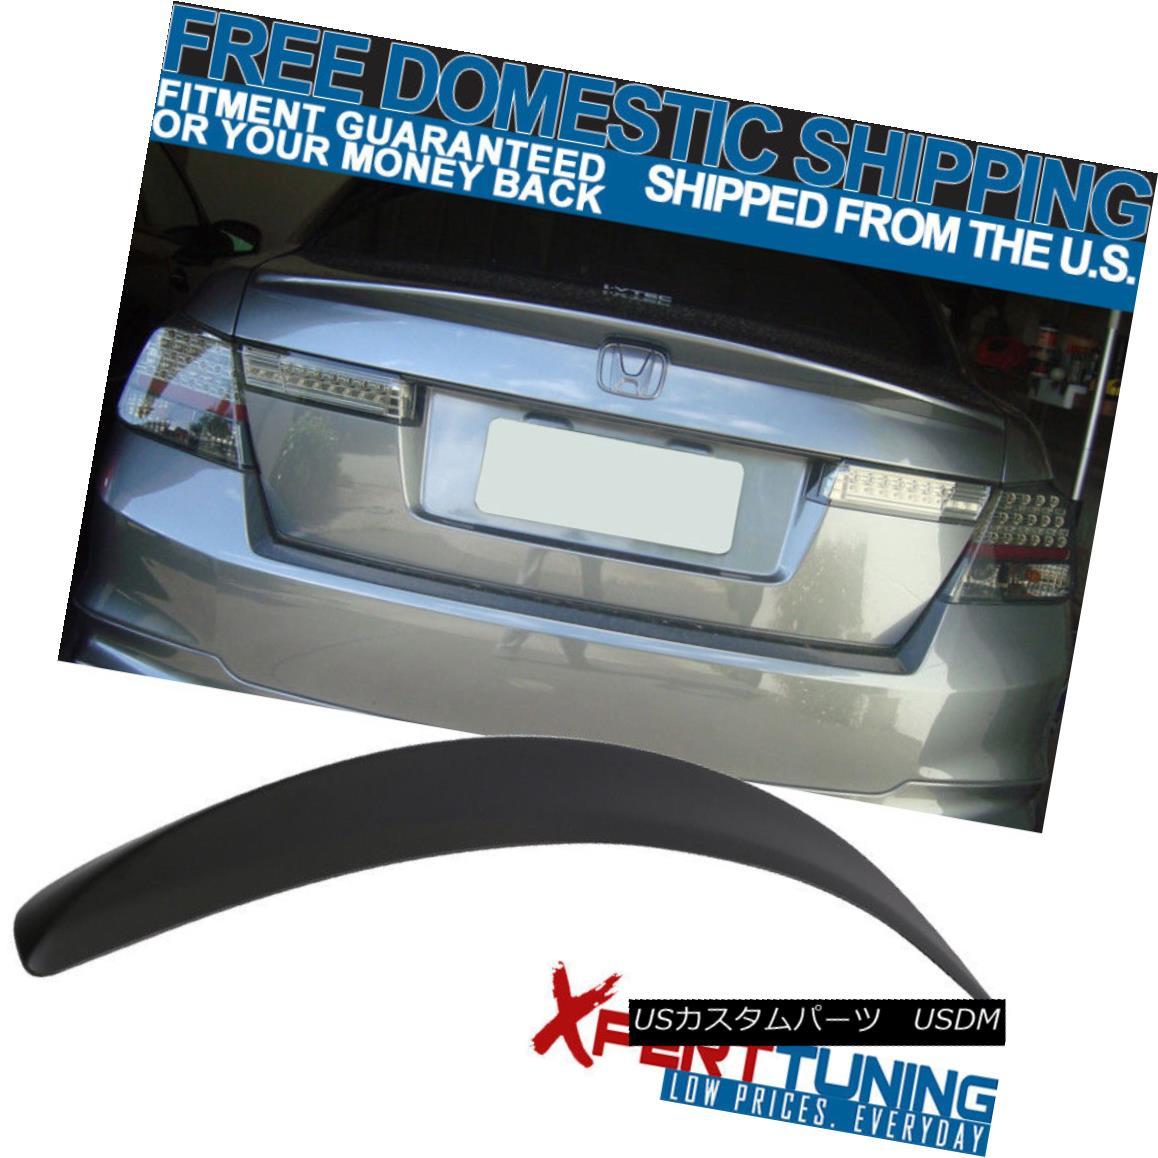 エアロパーツ Fit For 2008-2012 Honda Accord Sedan 4Dr JDM Style Unpainted ABS Trunk Spoiler ホンダアコードセダン4Dr JDMスタイル無塗装ABSトランク・スポイラー